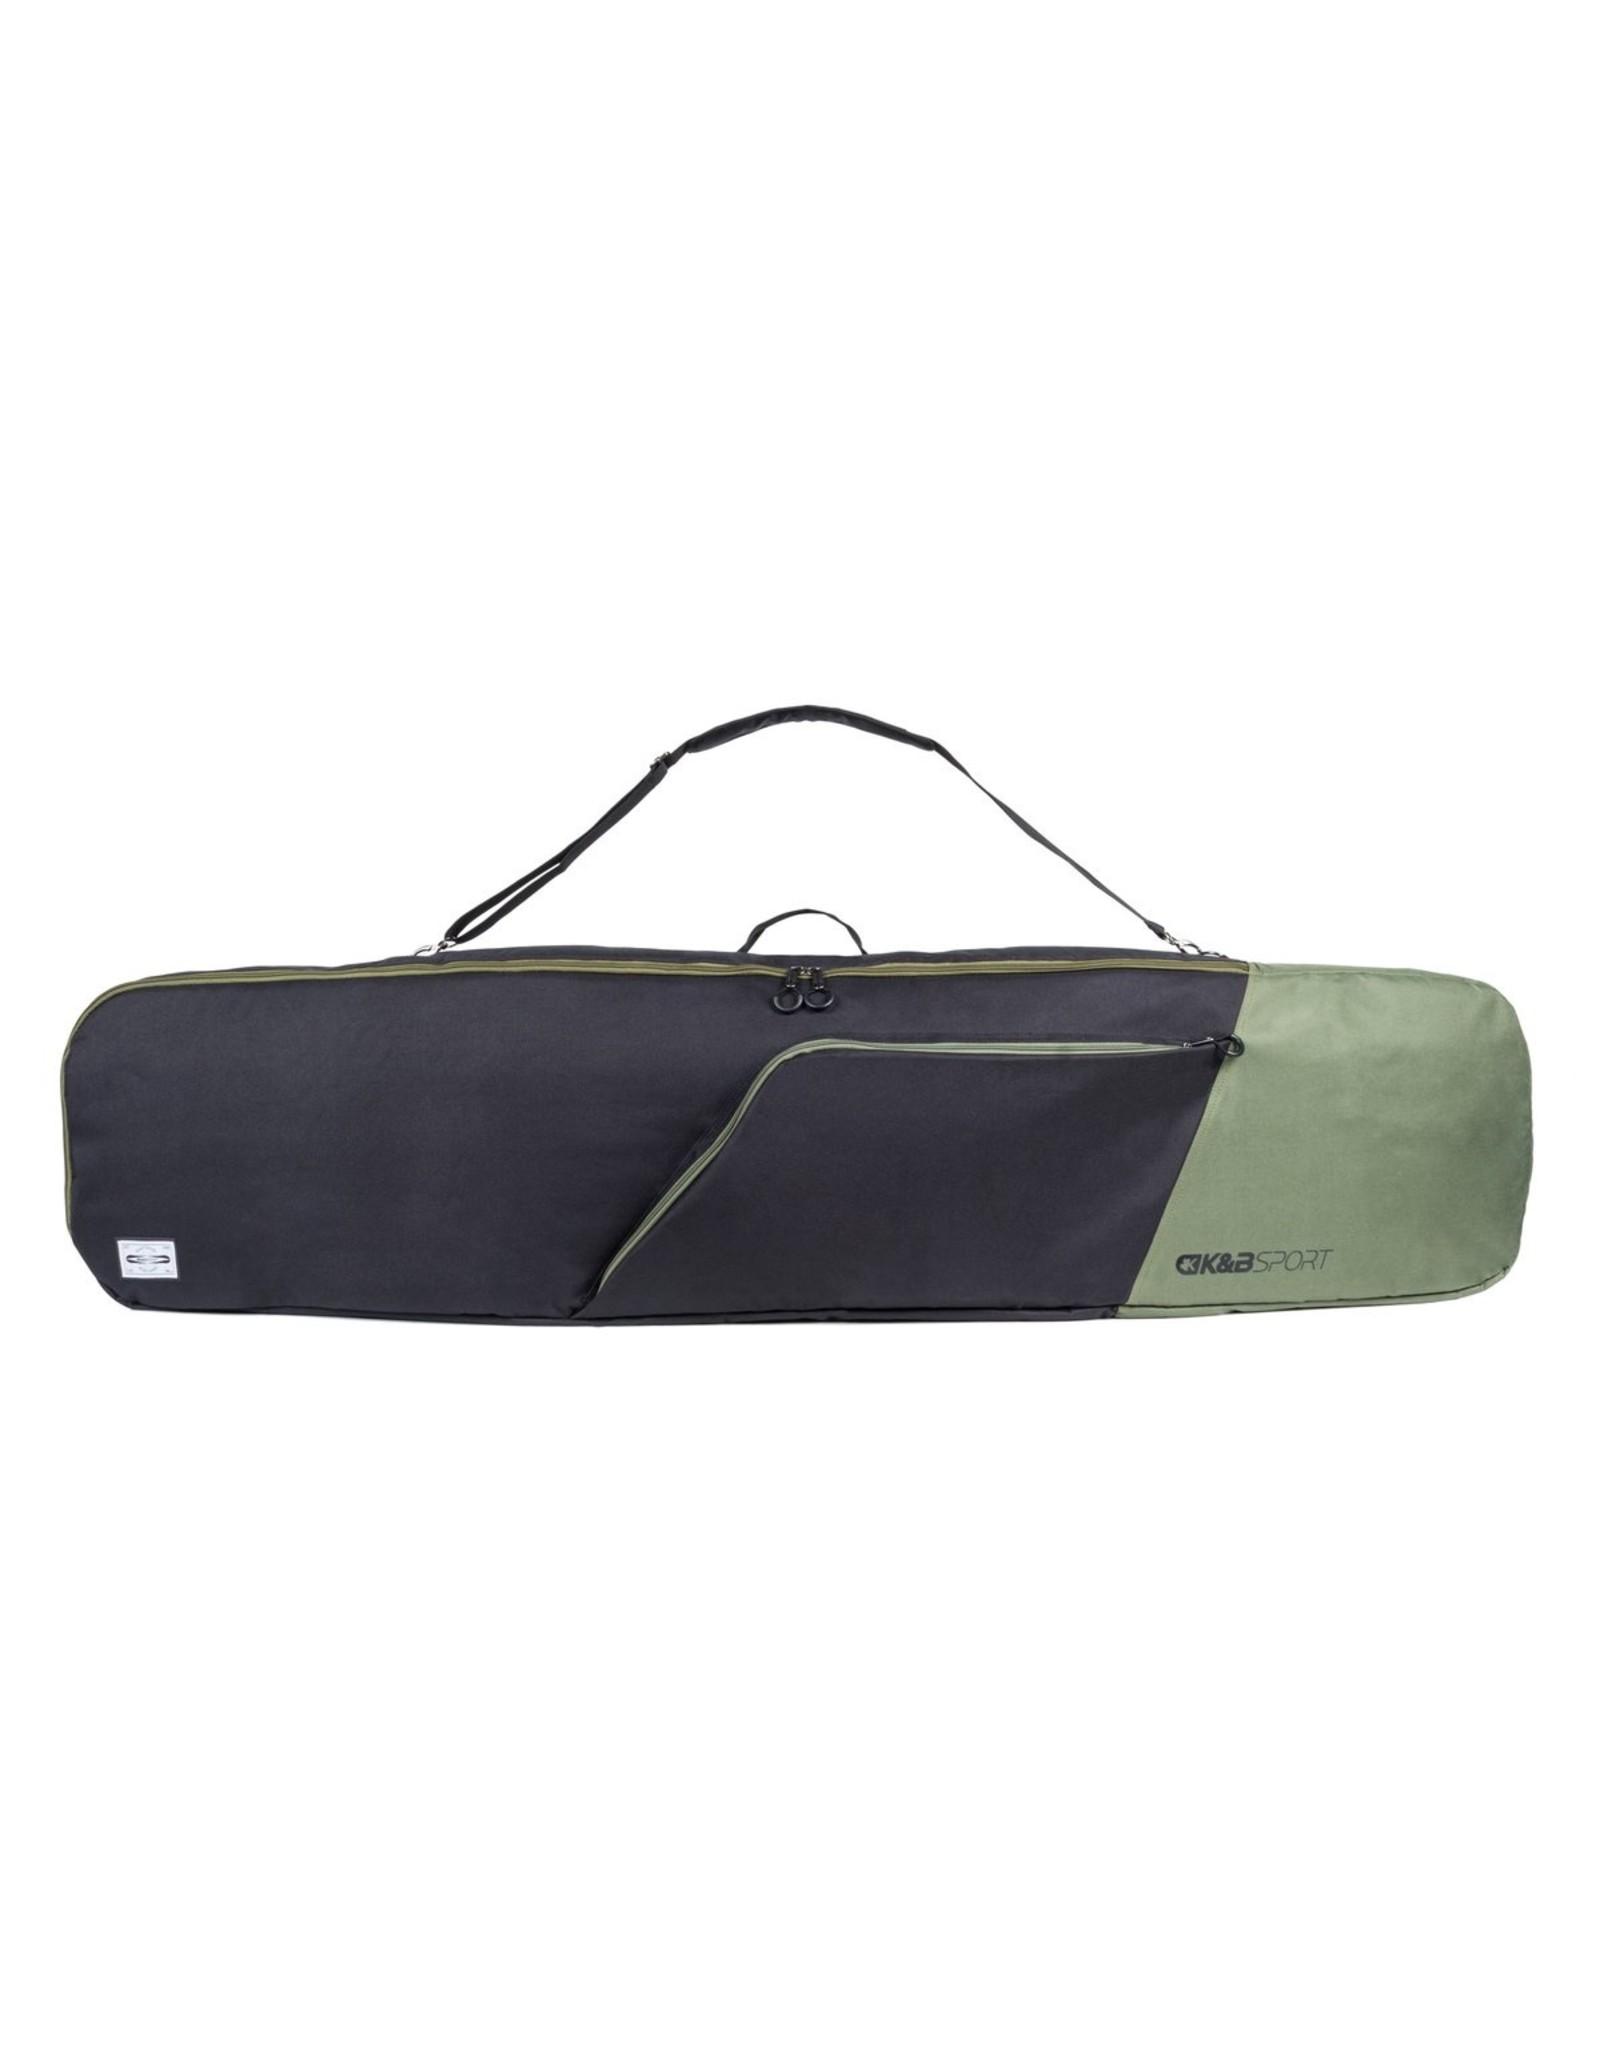 K&B Snowboard Bag small